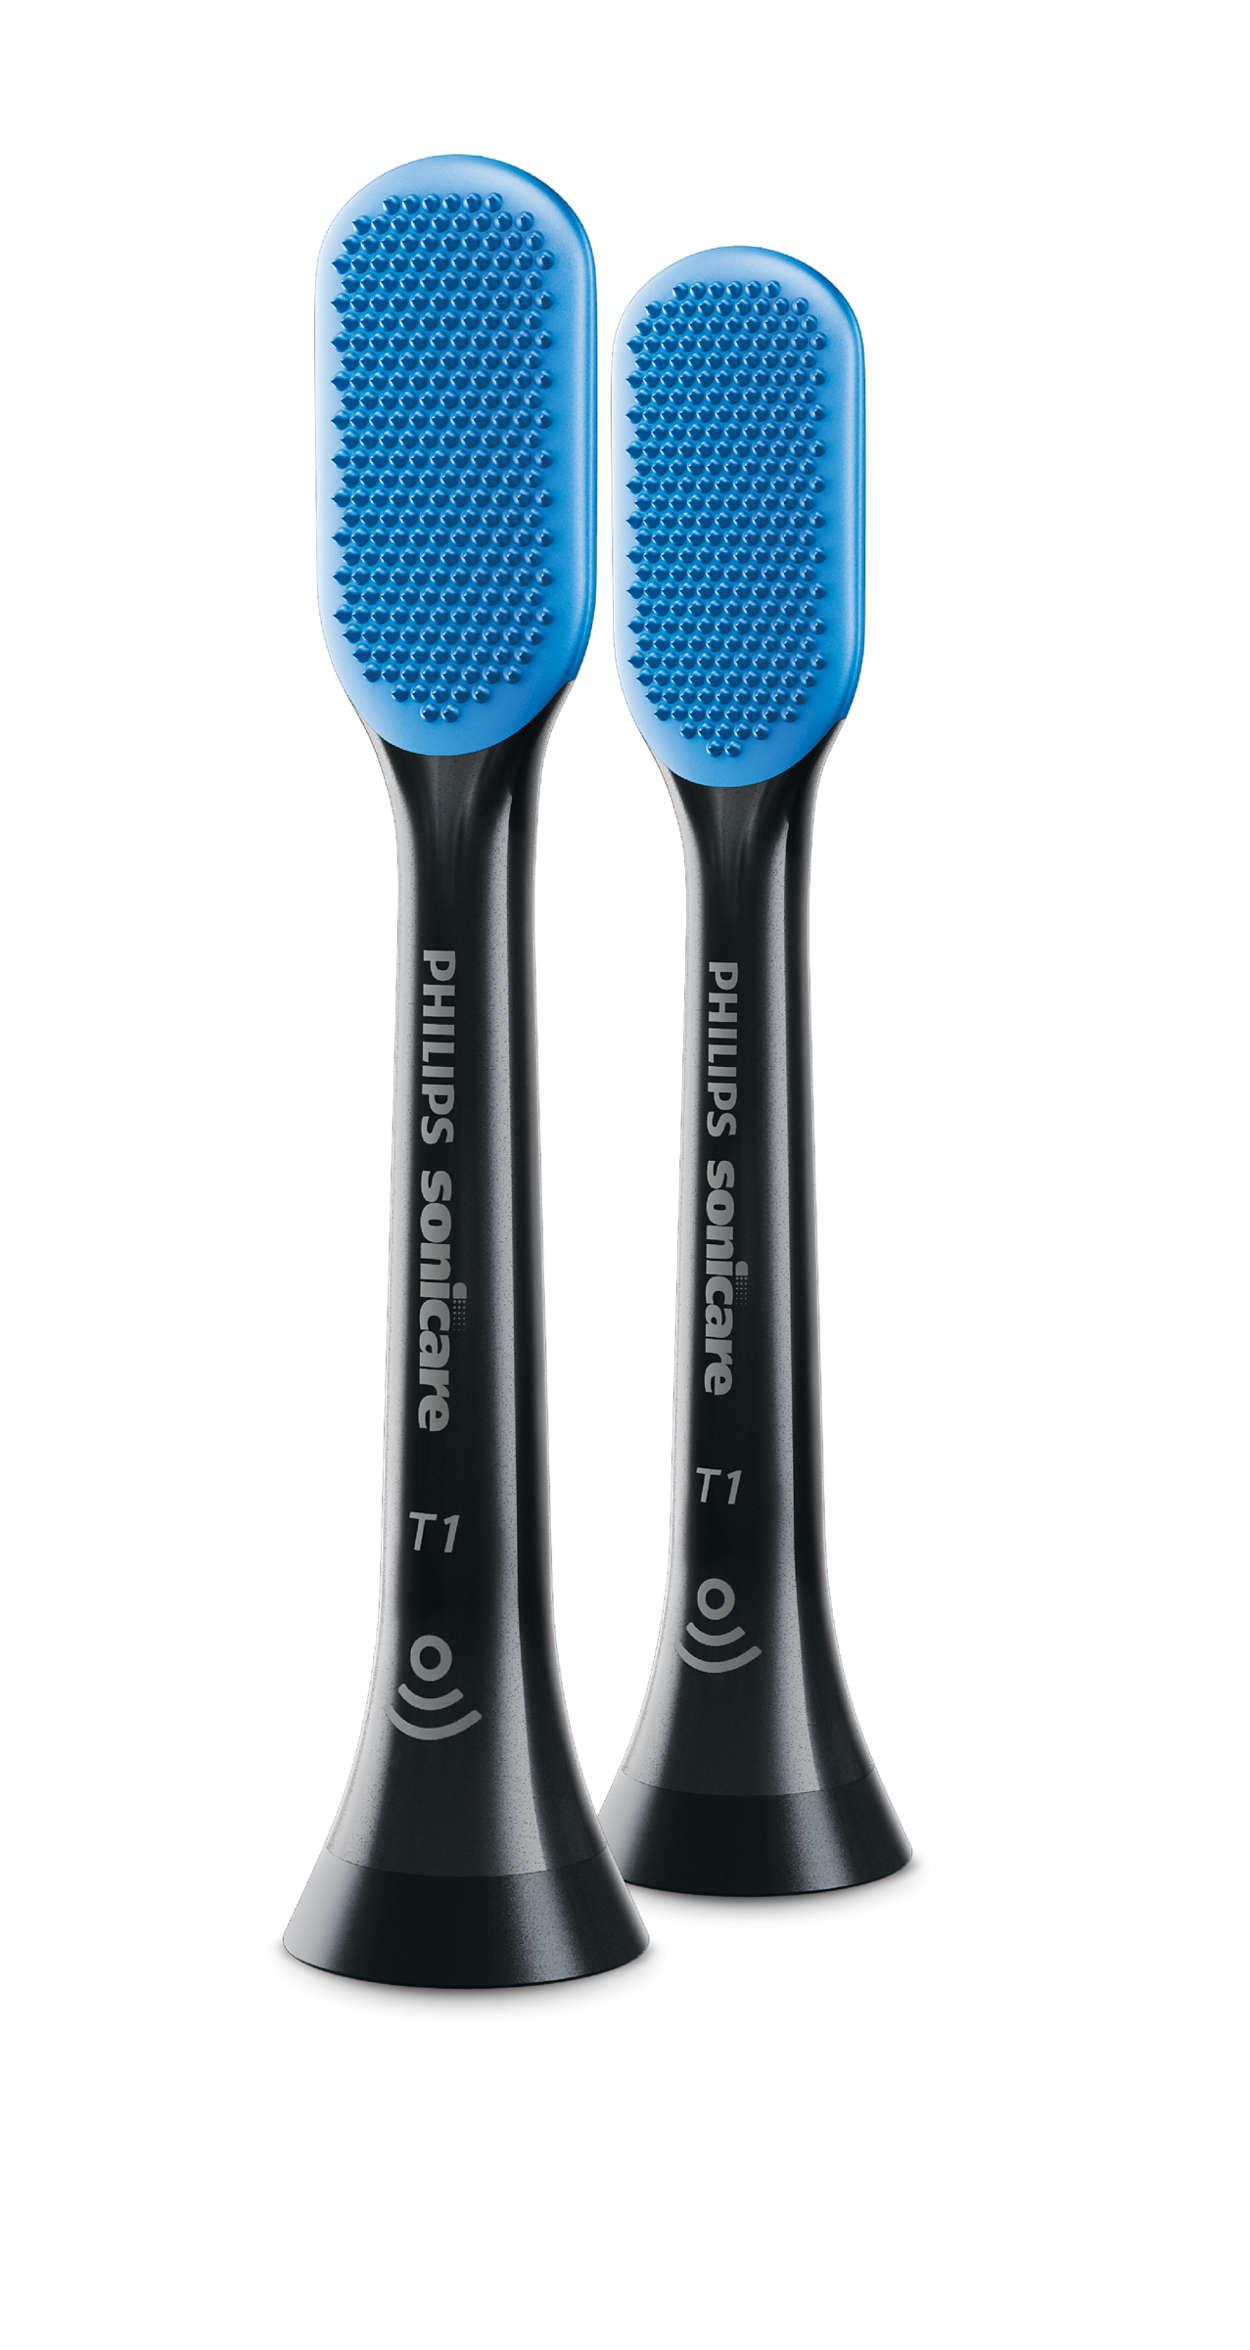 Philips Sonicare tisztaság a nyelvének